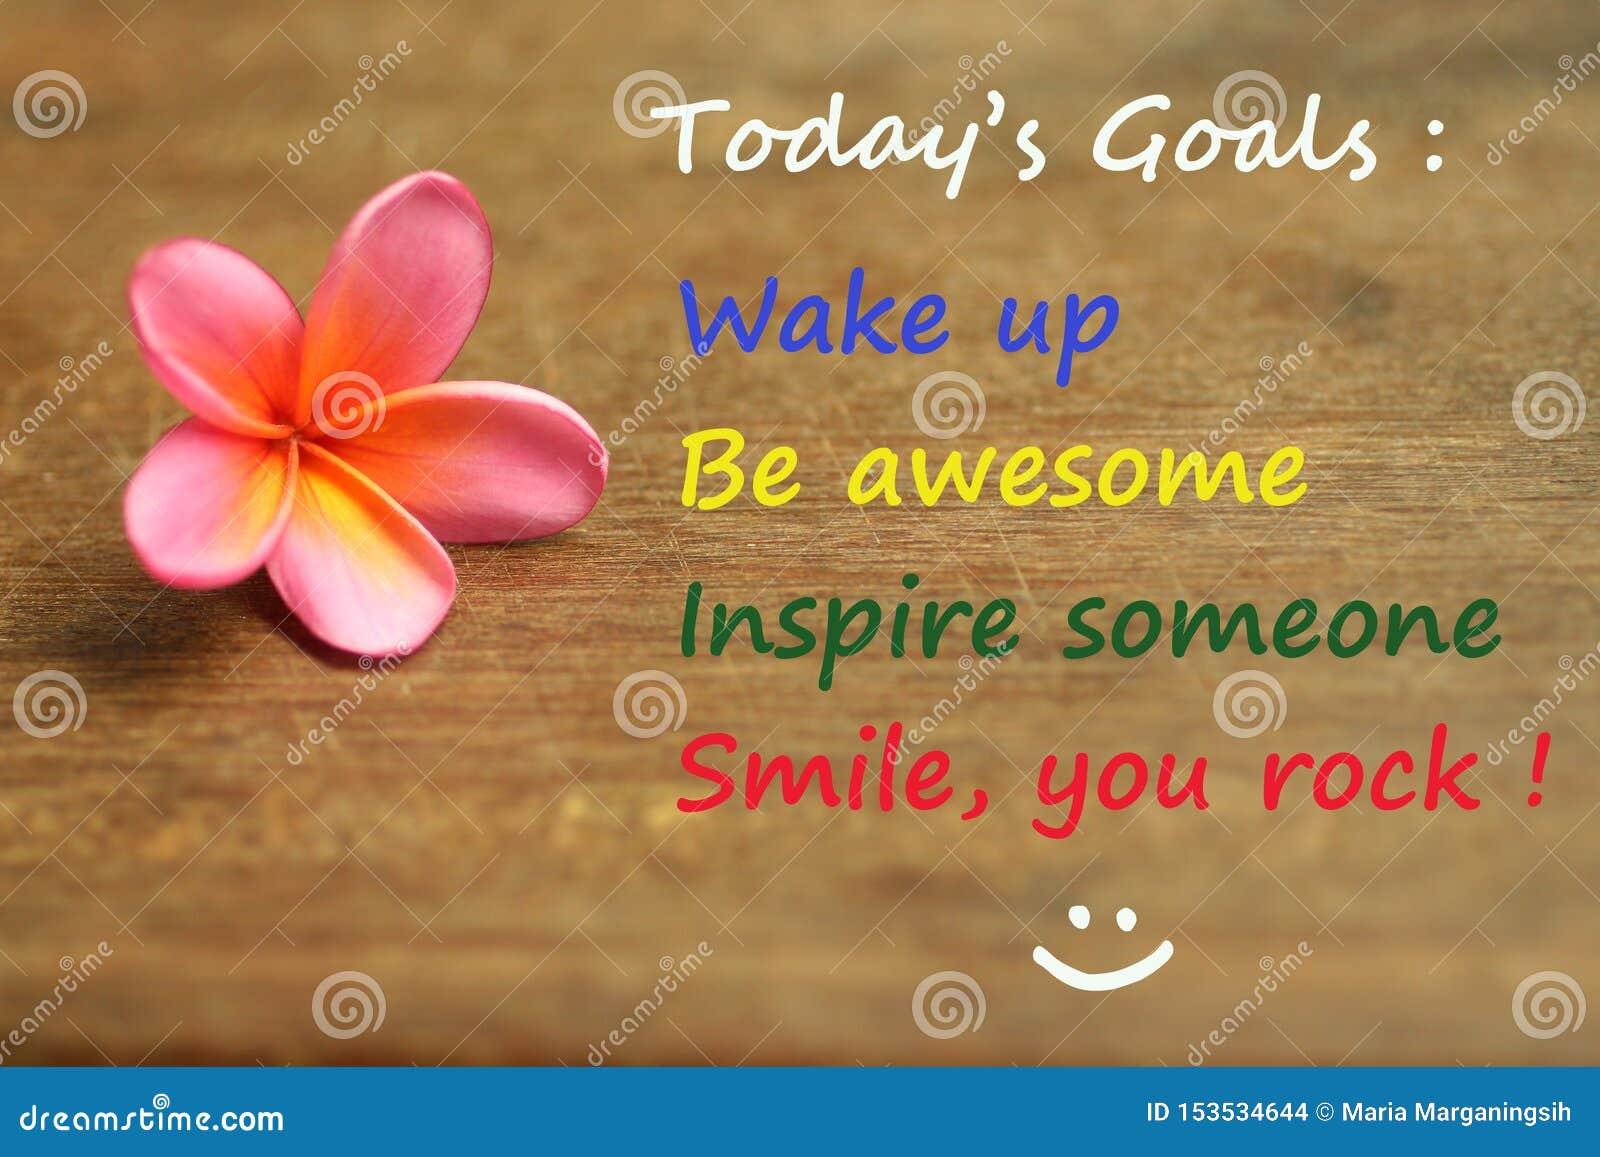 Citações inspiradores inspiradas - hoje objetivos; acorde, seja impressionante, inspire alguém, sorriso, você balançam Com lembre